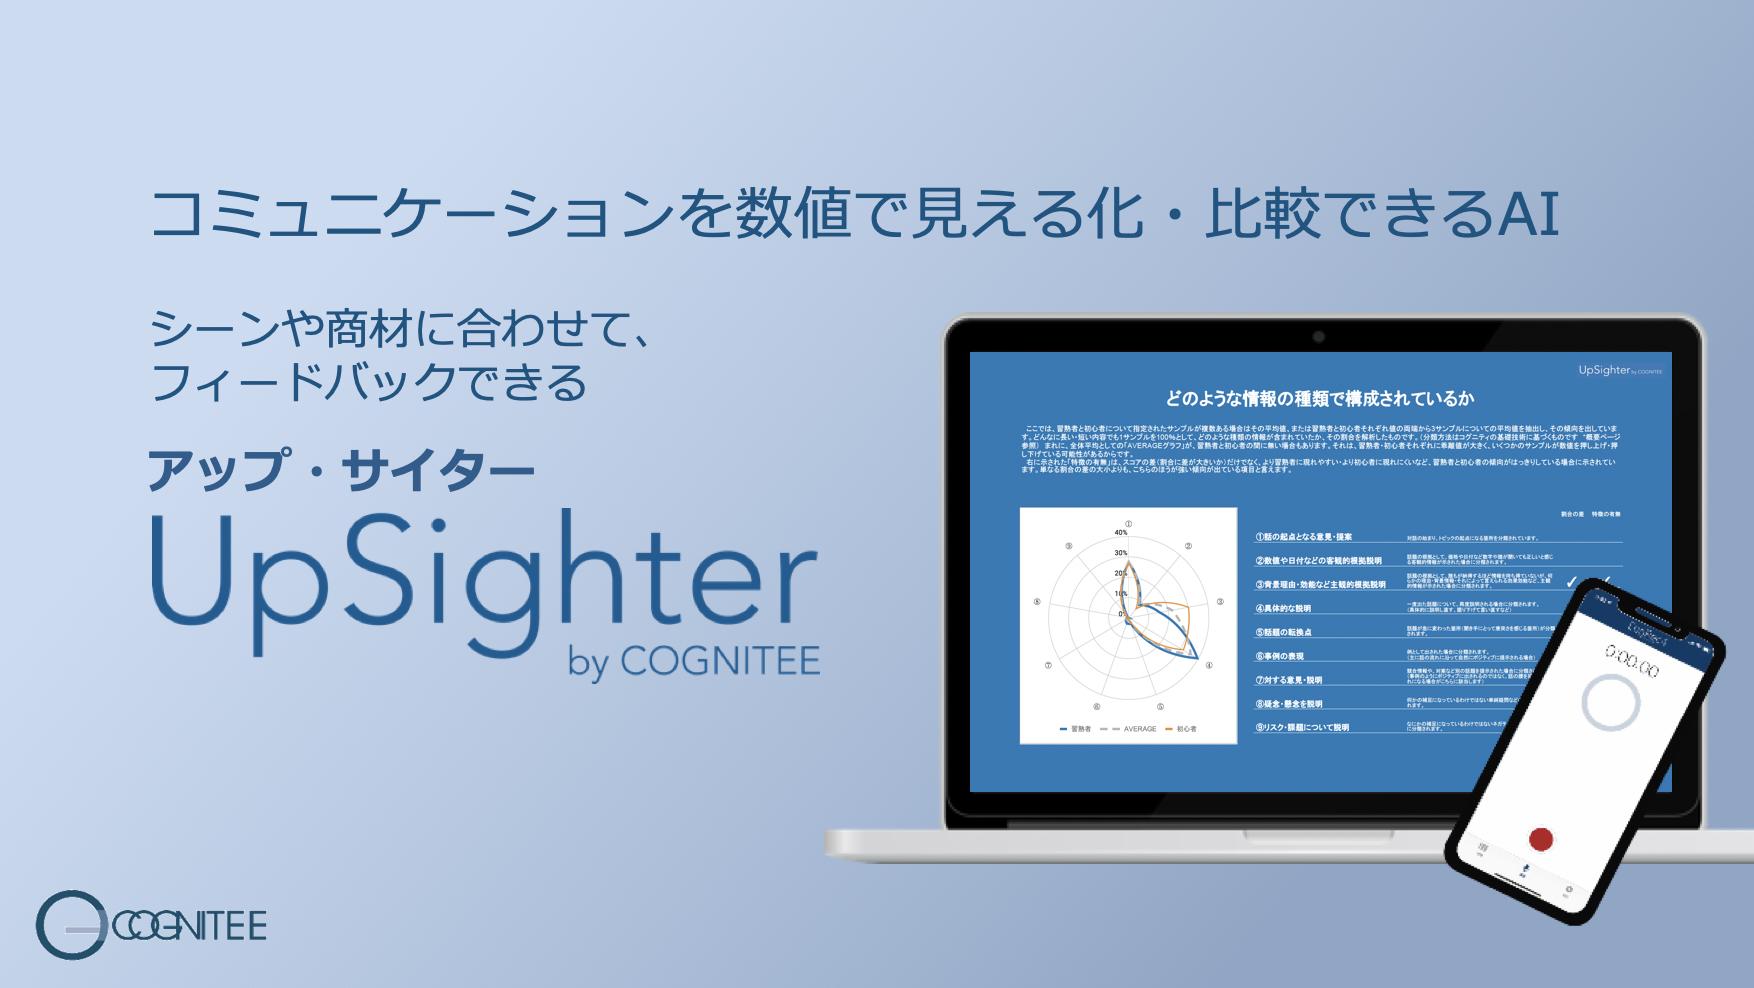 UpSighter